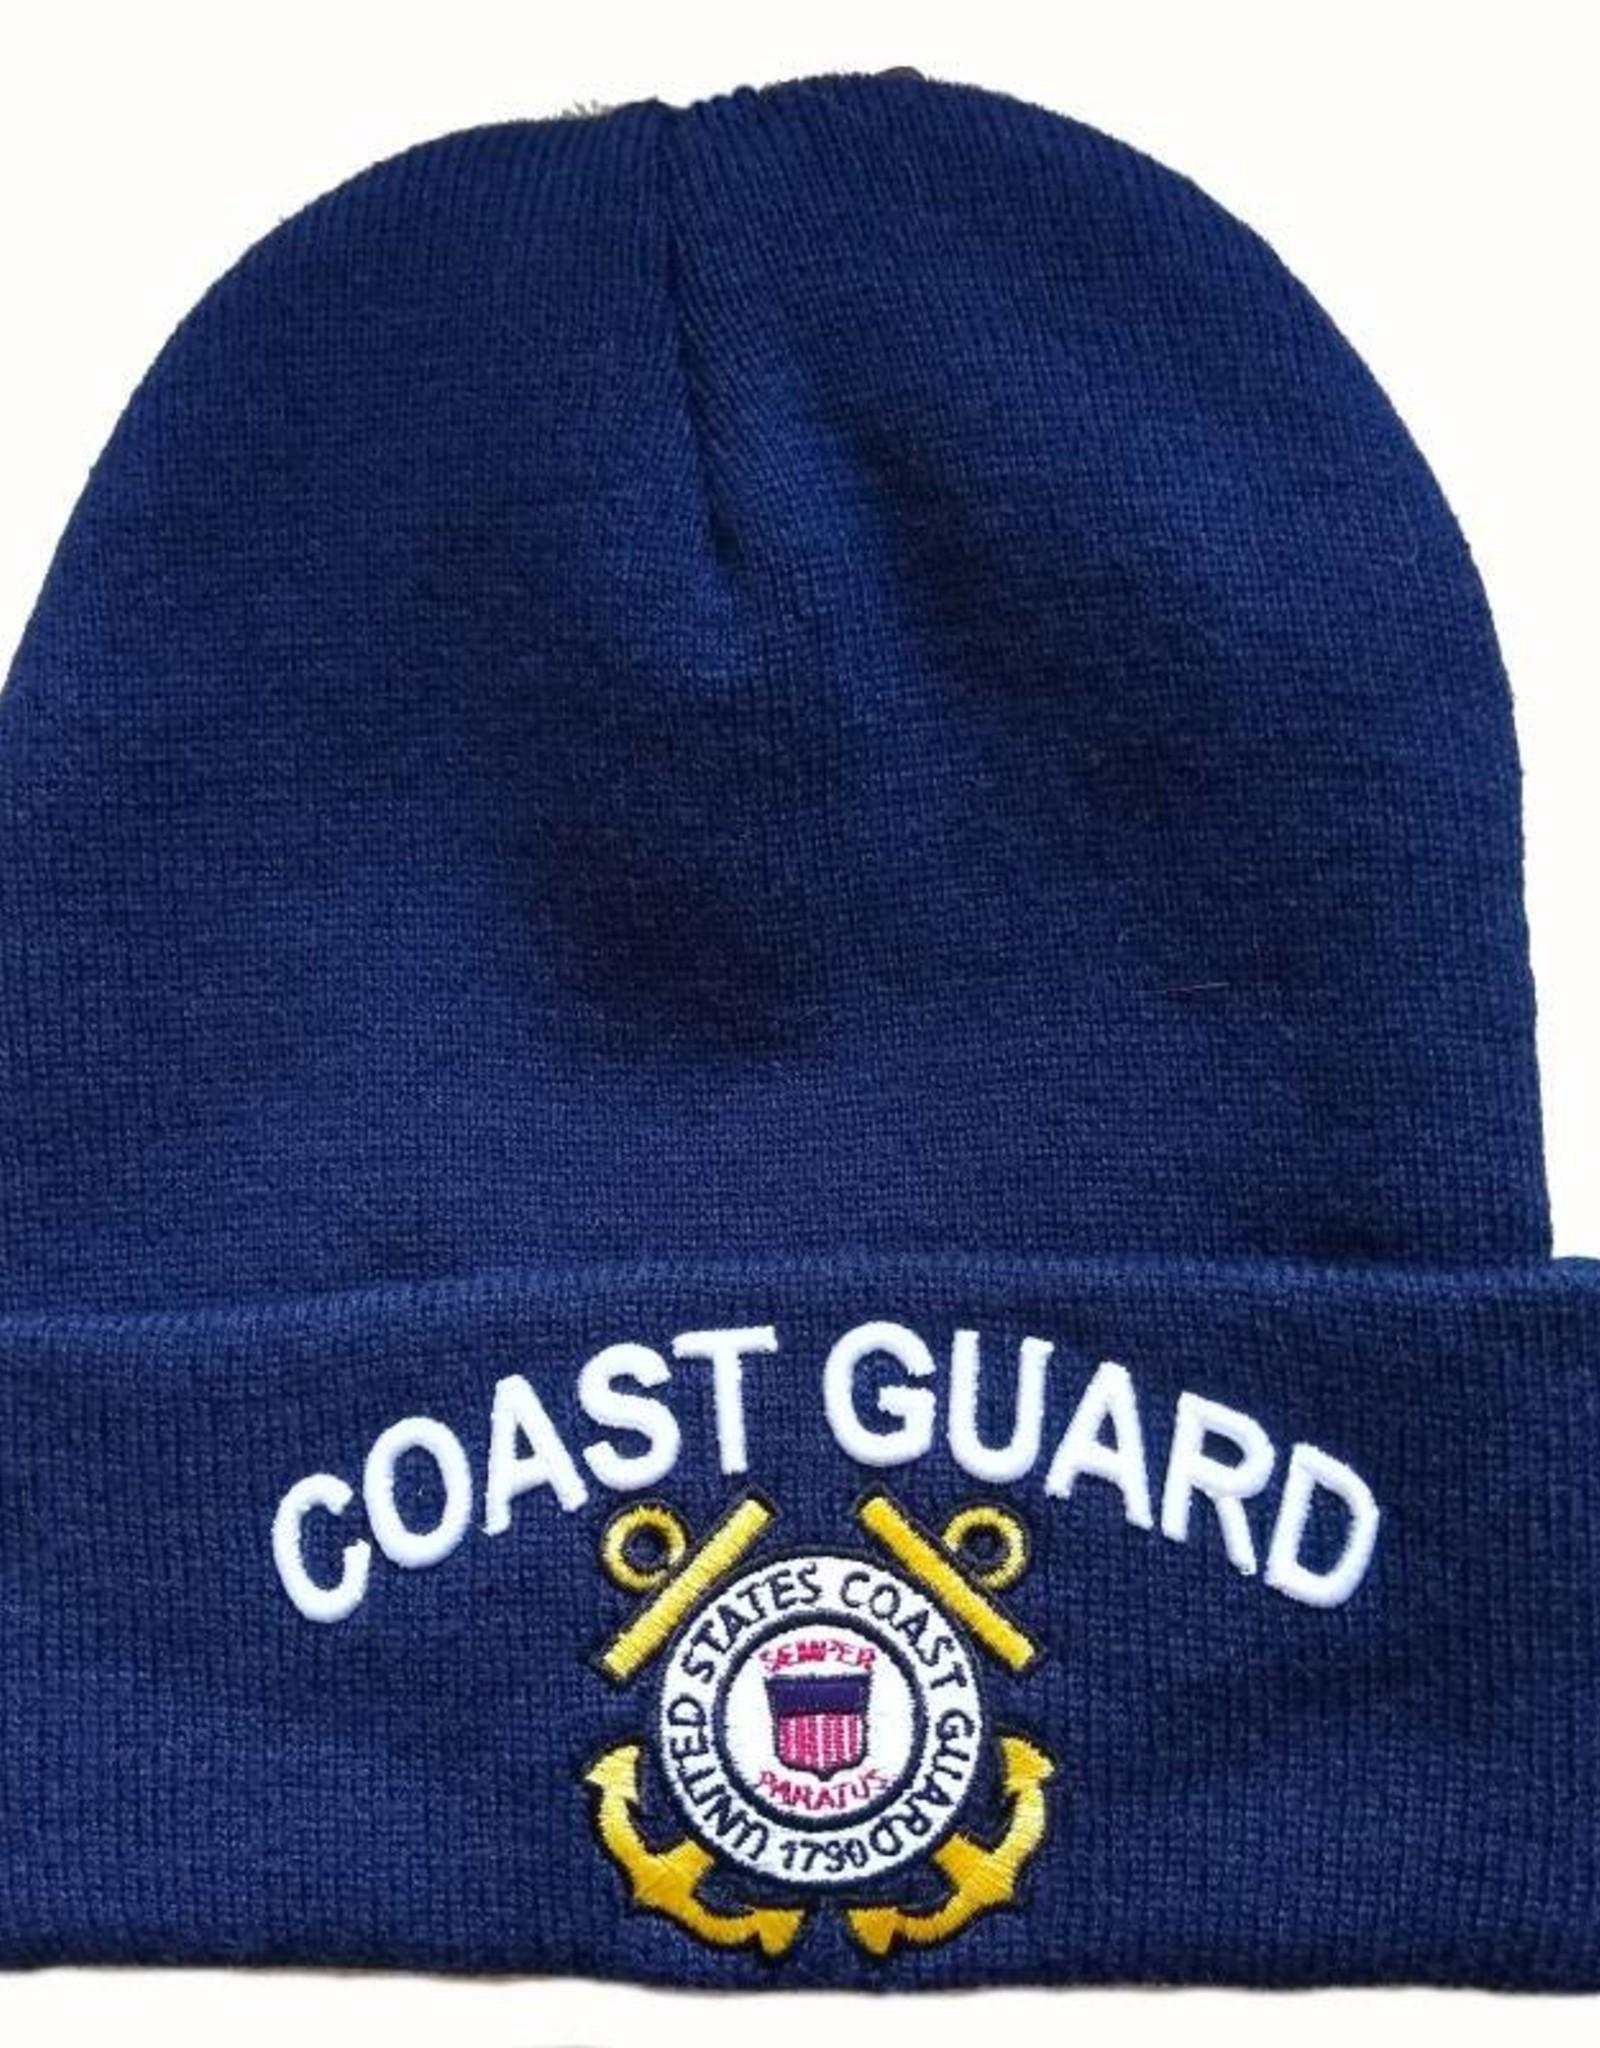 MidMil Coast Guard Cuffed Knit Hat with Emblem Dark Blue